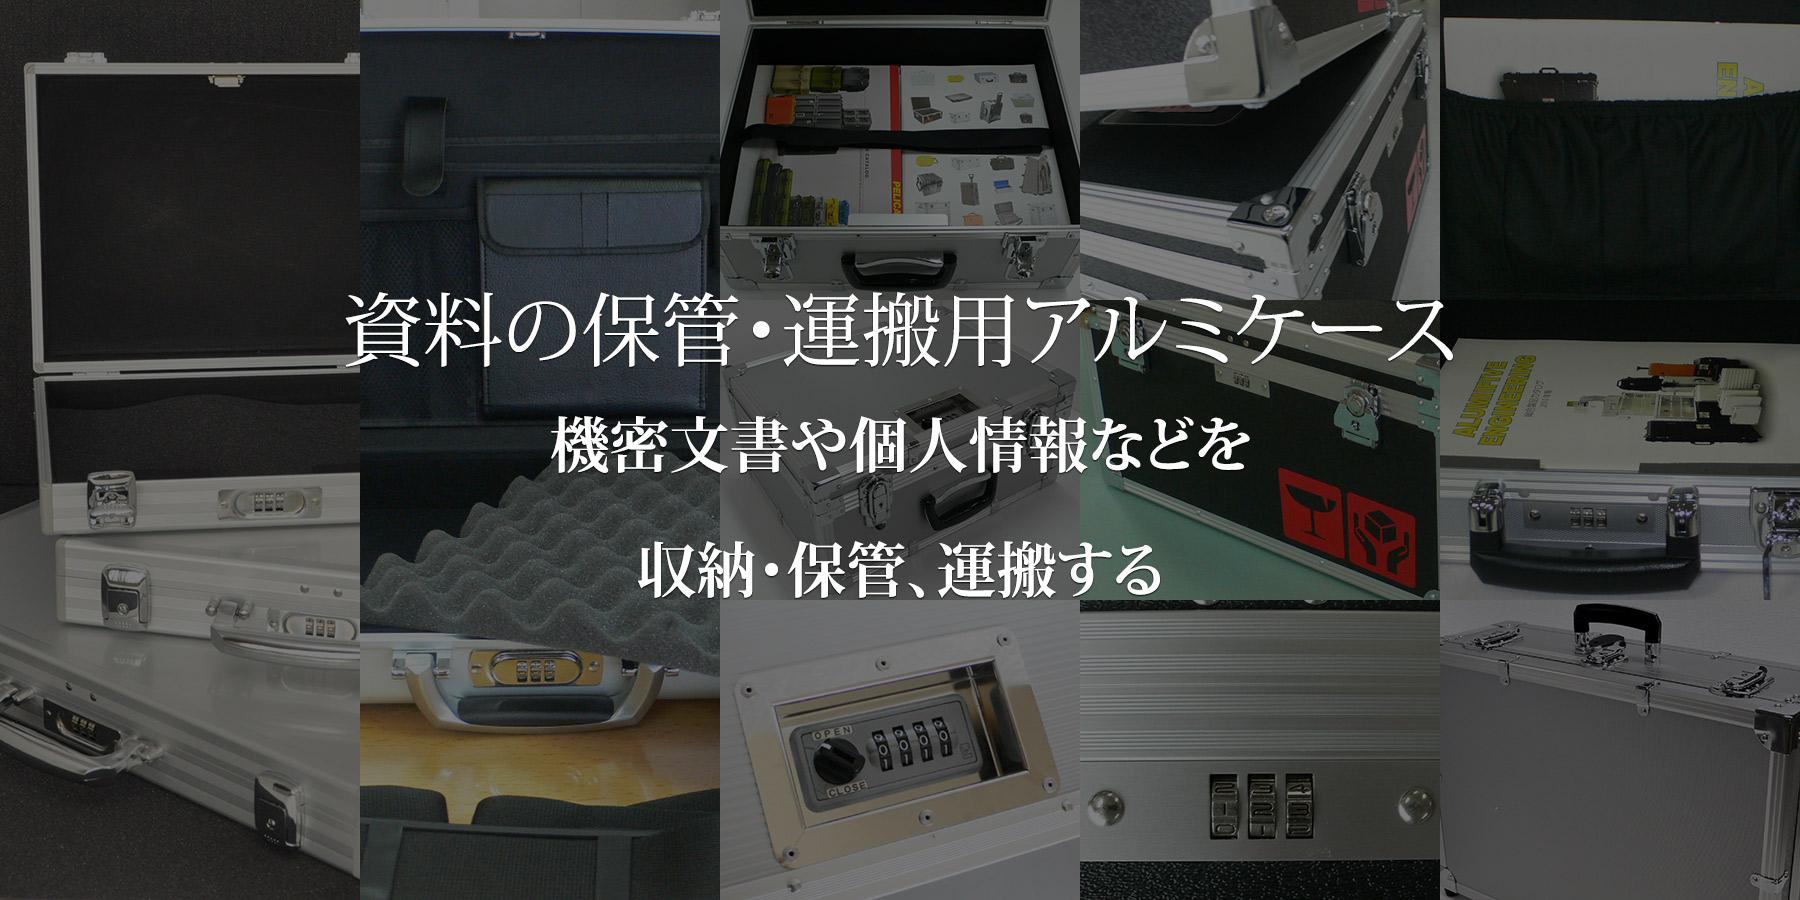 資料の保管・運搬用アルミケース 機密文書や個人情報などを収納・保管、運搬する